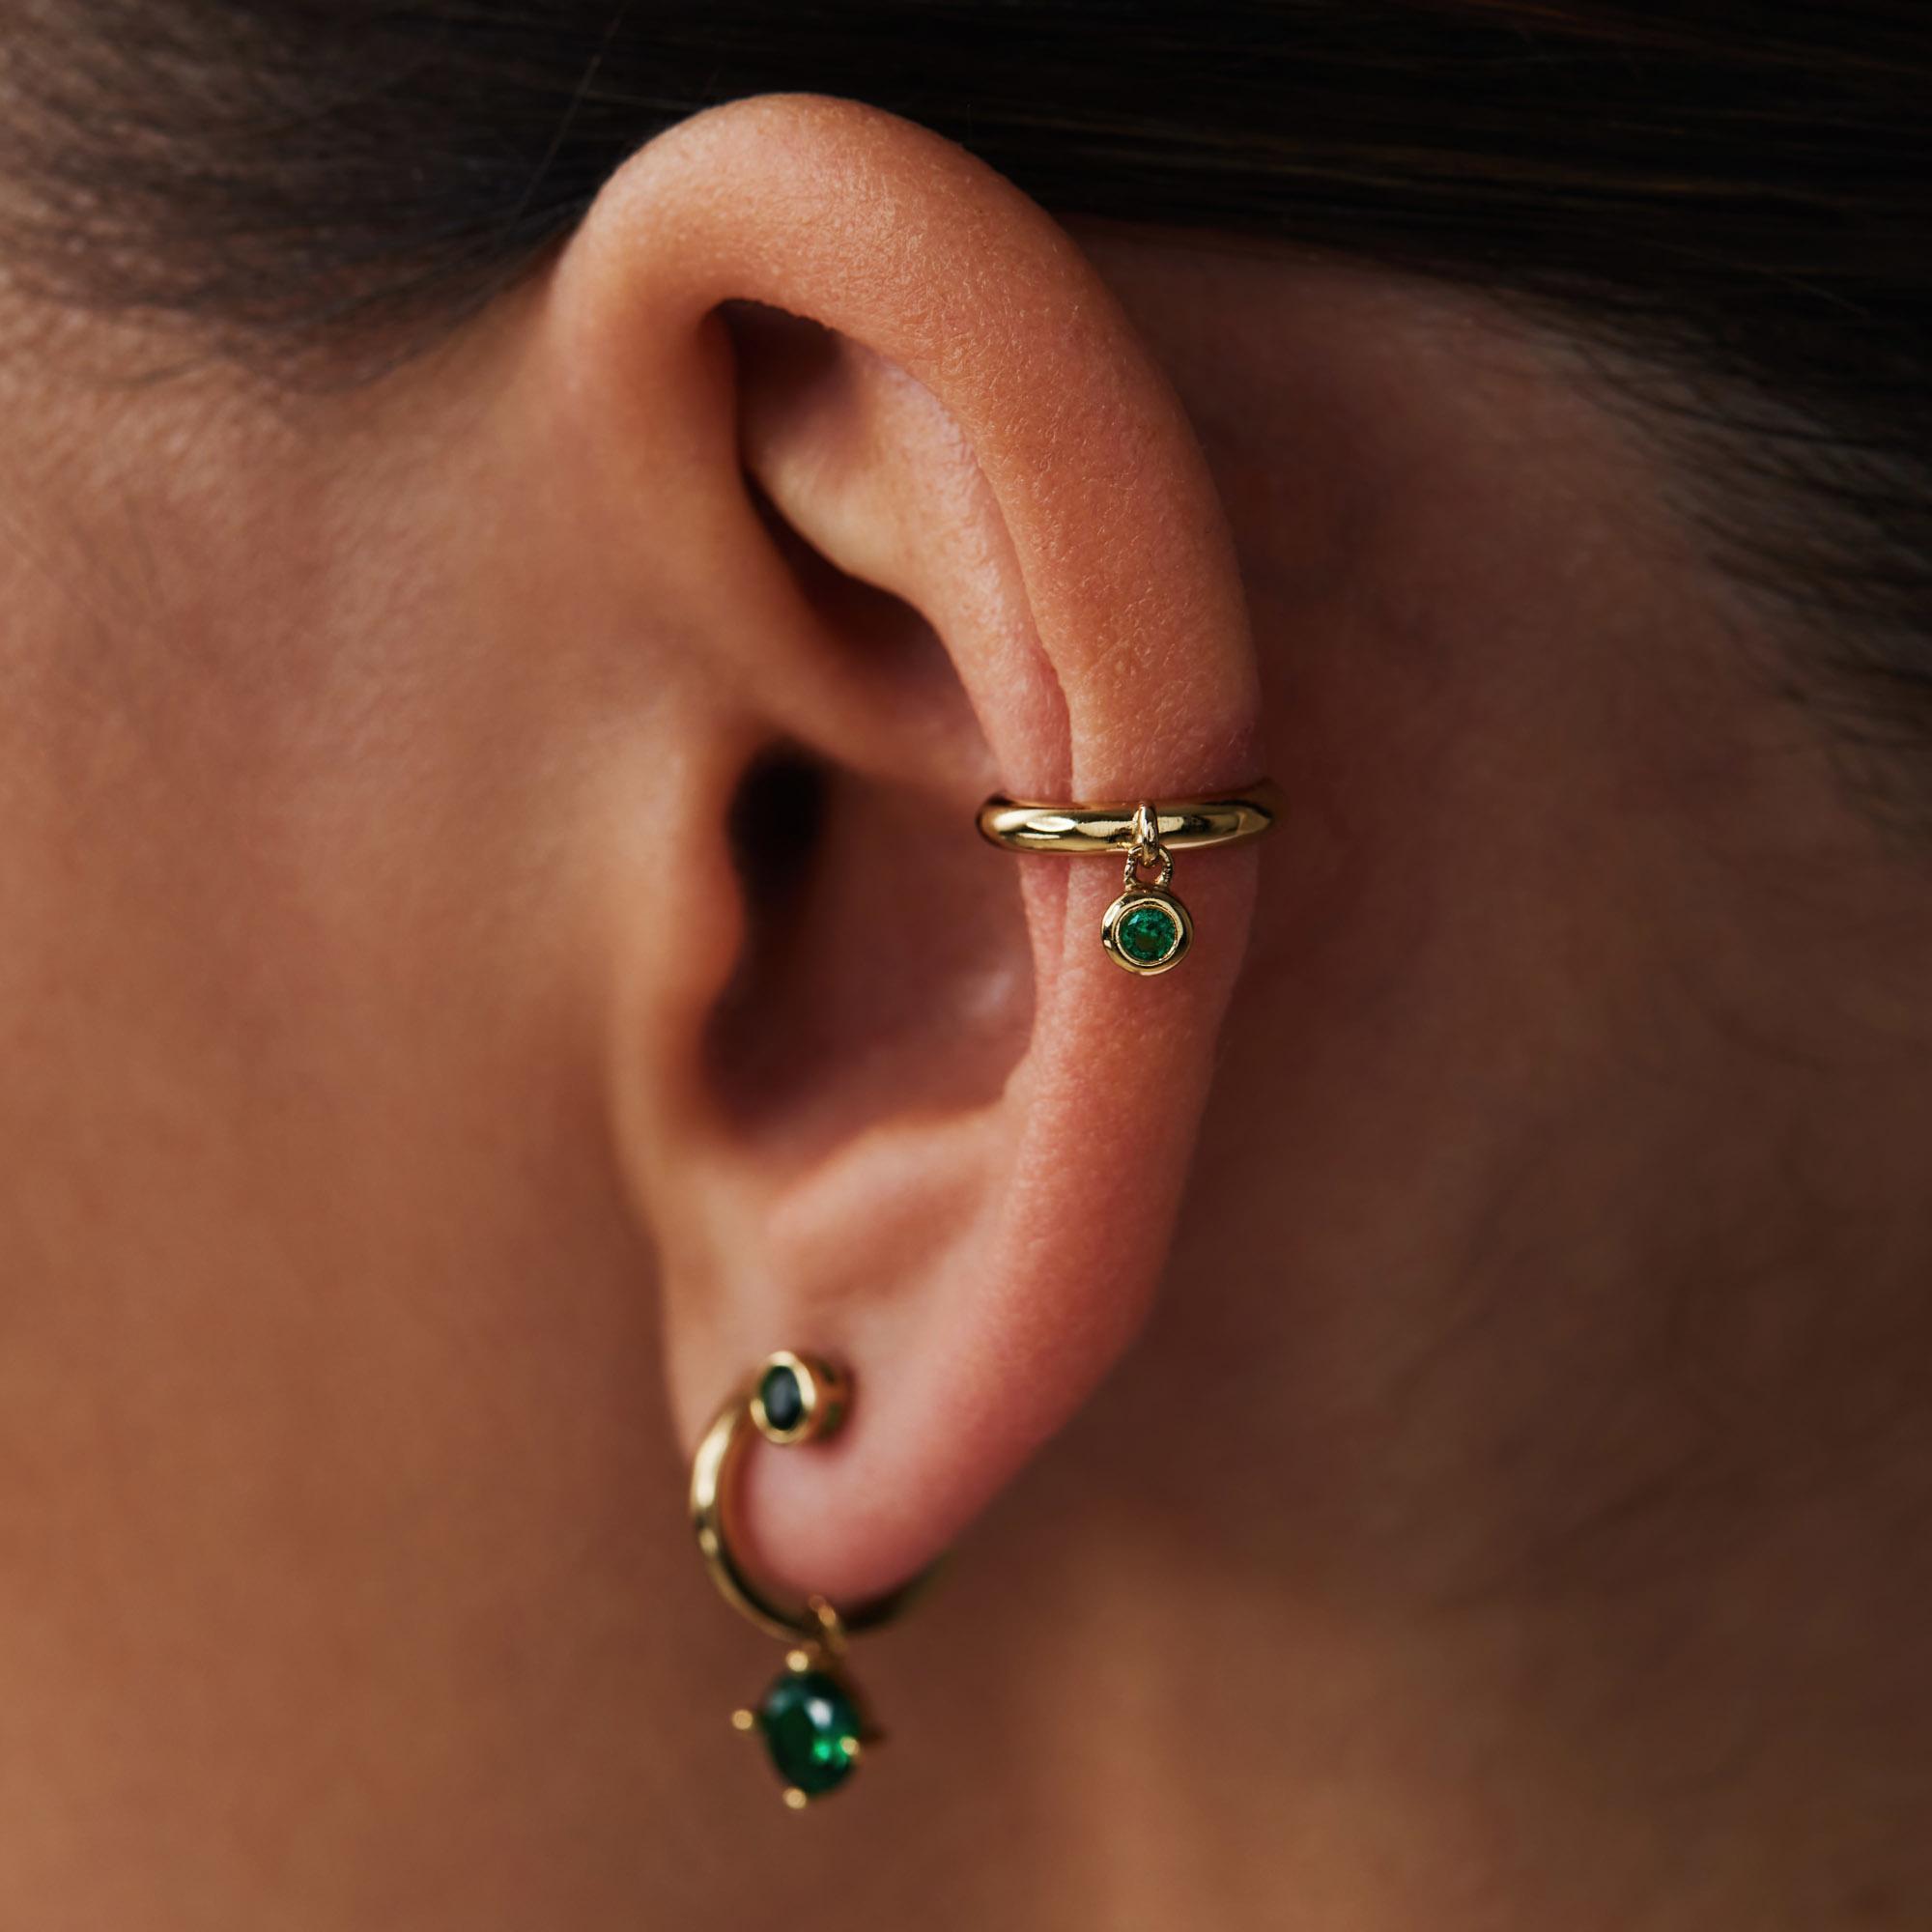 Violet Hamden Venus 925 Sterling Silber goldfarbenes Ear Cuff mit Geburtsstein